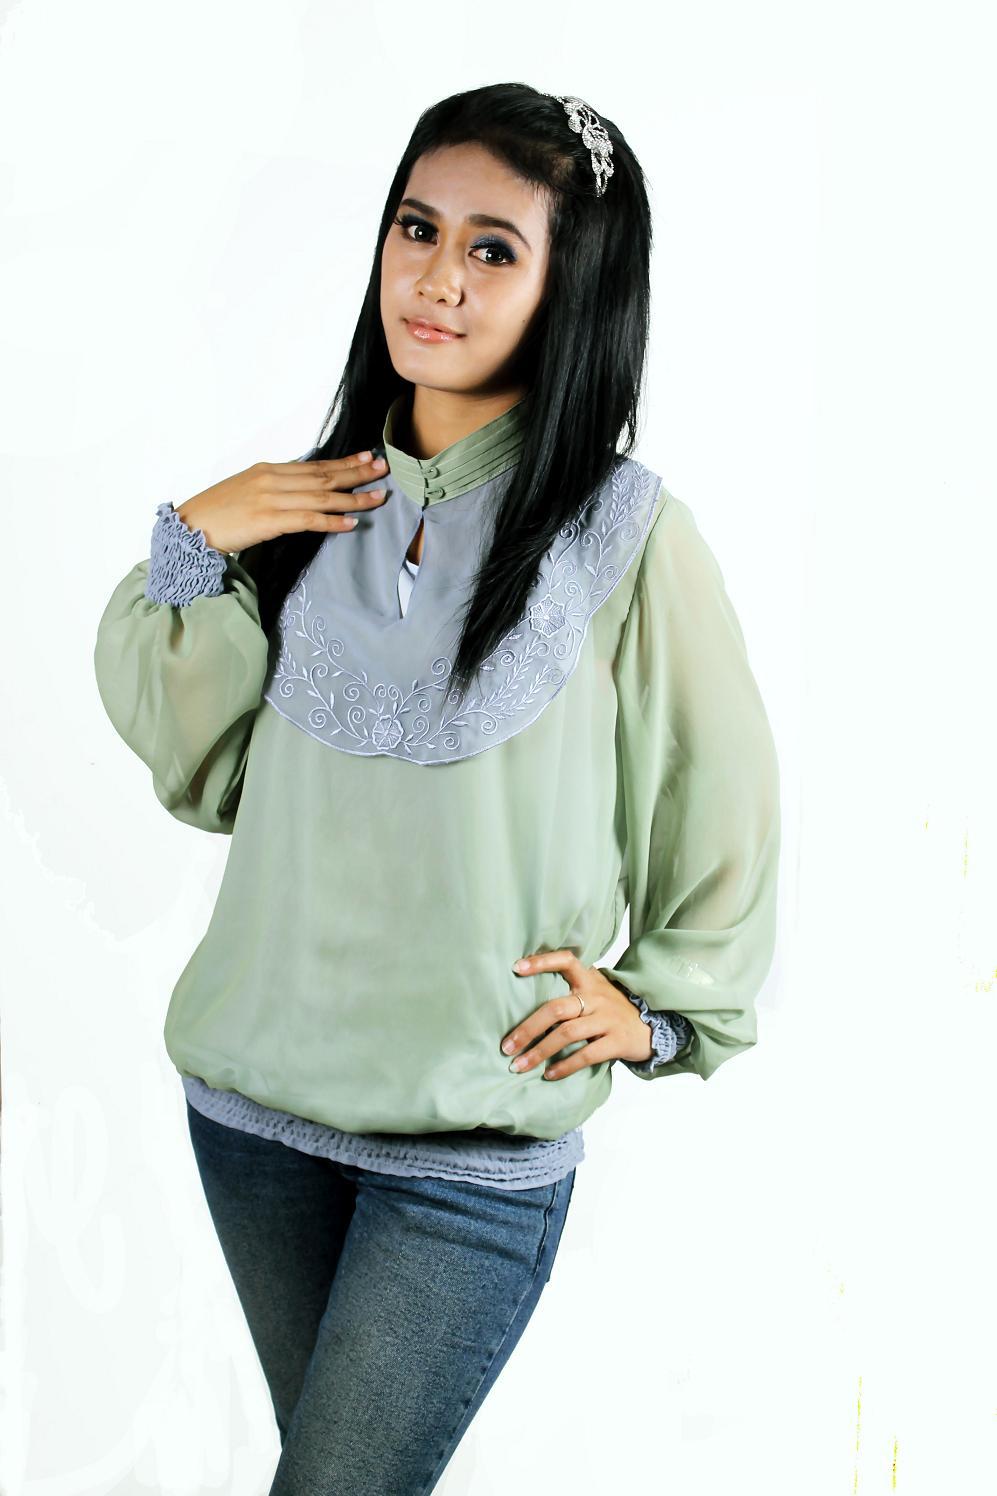 Sukses Bisnis Butik Online Baju Muslim Tanah Abang 19722f615c